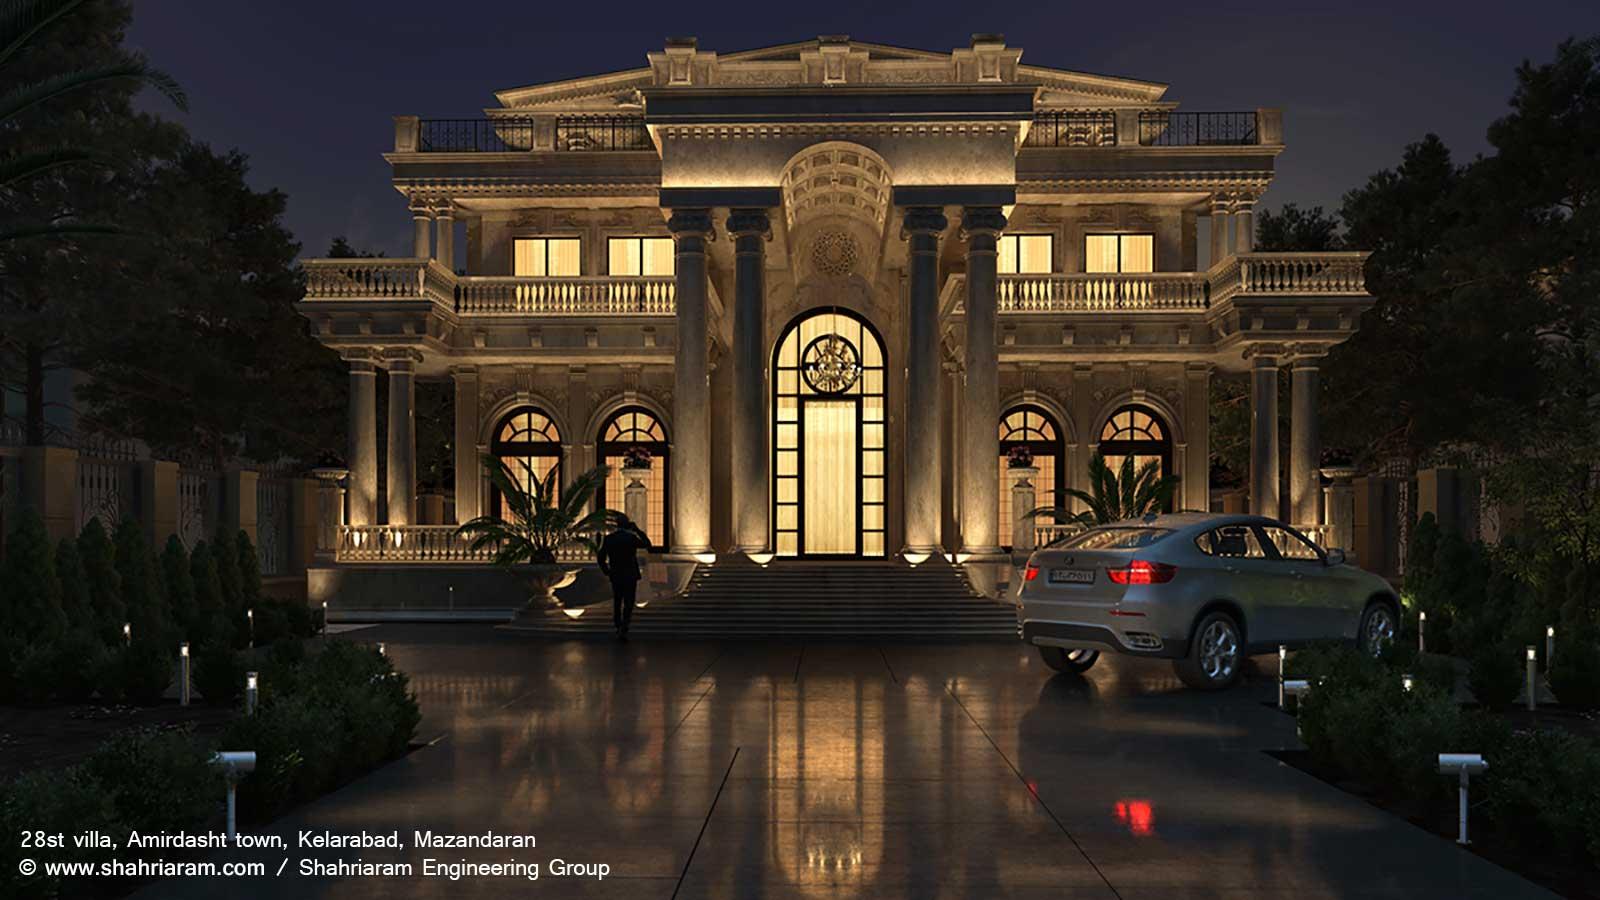 طراحی ویلا کلاسیک شهرک امیردشت کلارآباد مازندران